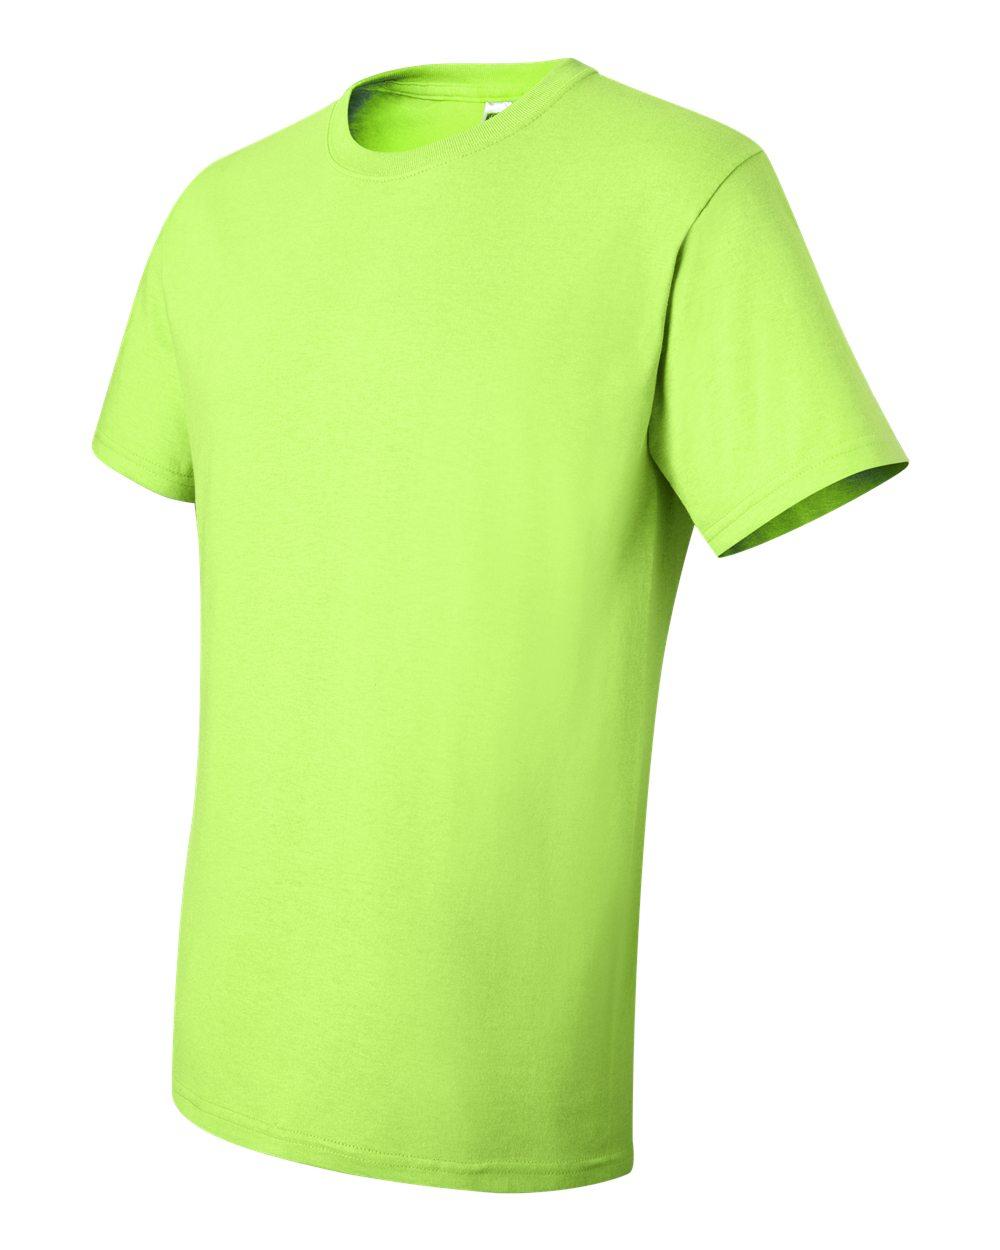 Jerzees-Men-039-s-5-6-oz-50-50-Heavyweight-Blend-T-Shirt-29M-S-4XL thumbnail 21